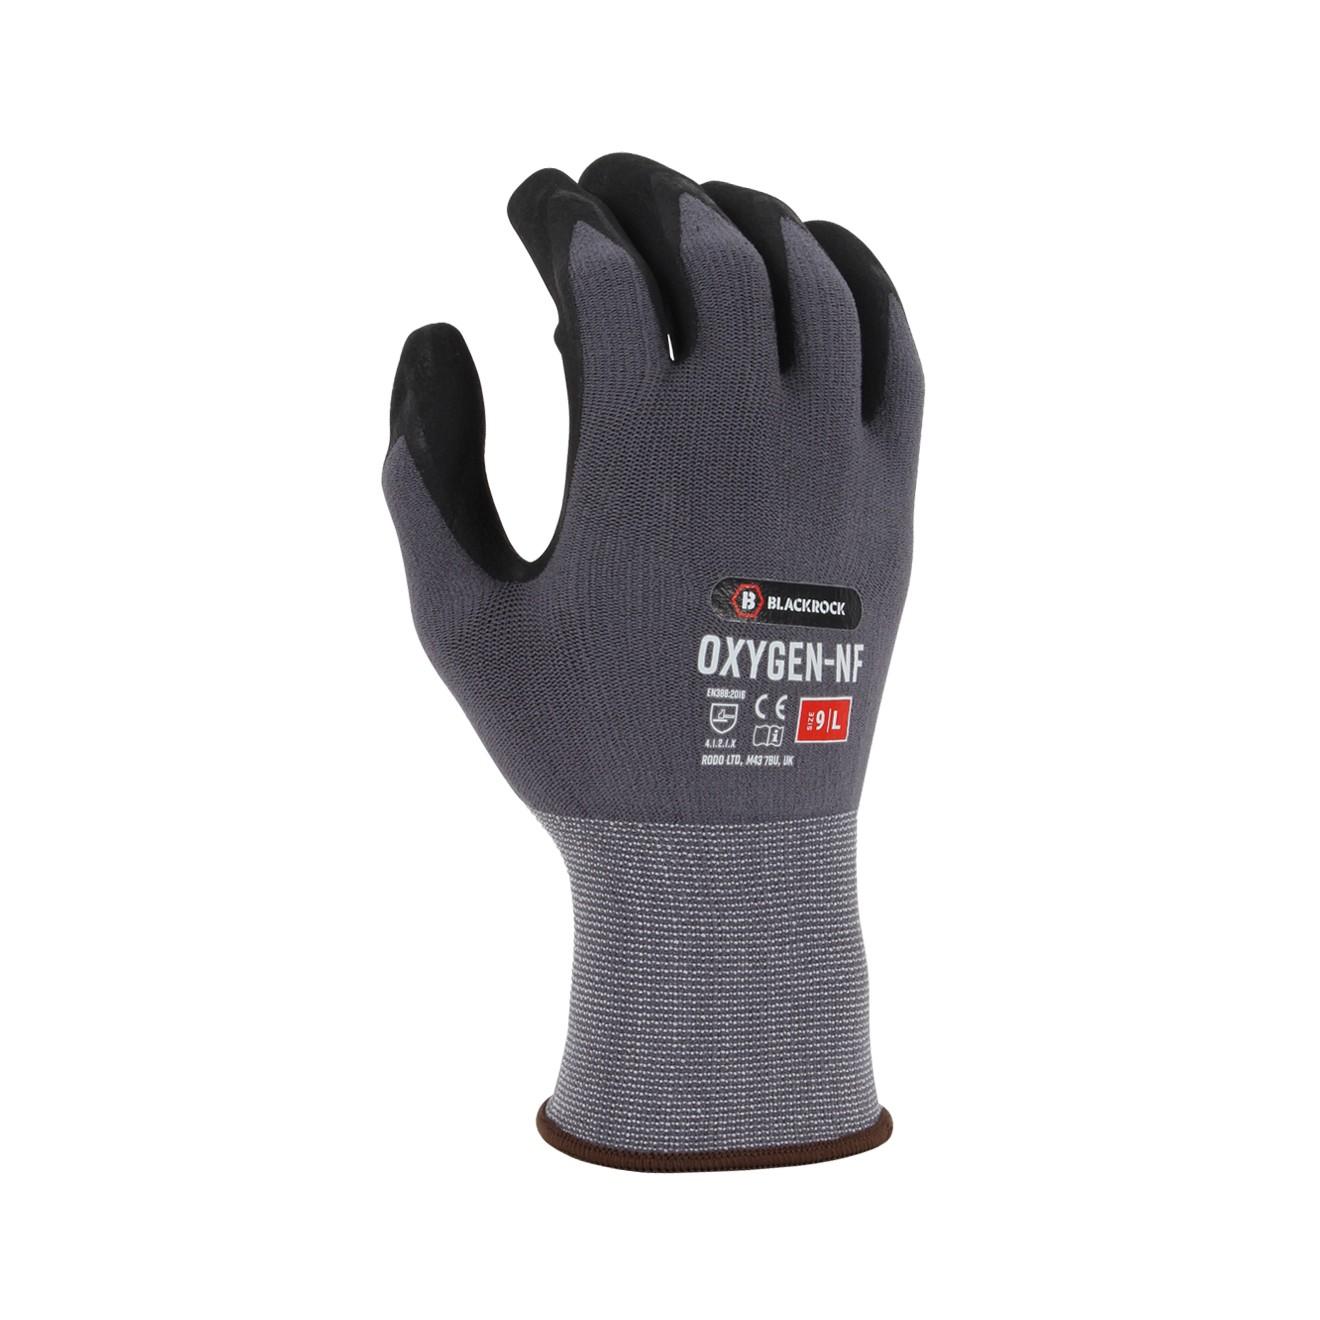 Oxygen-NF Work Glove